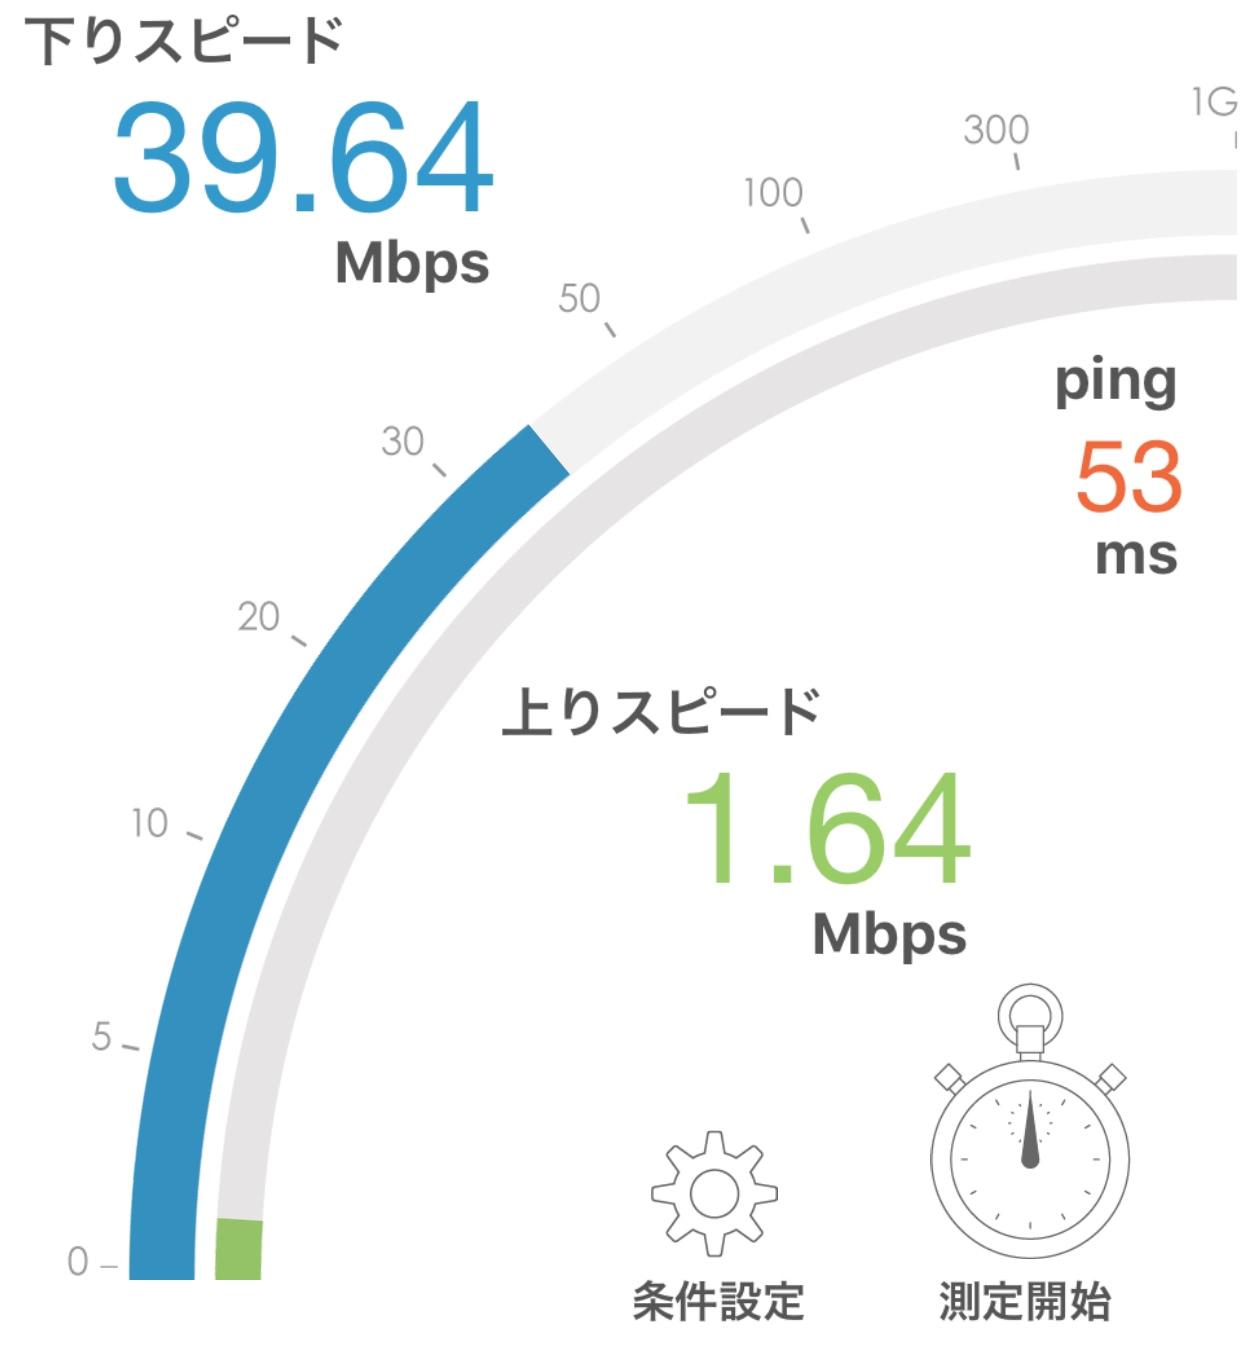 インターネット回線の速度測定結果は『PING』に …